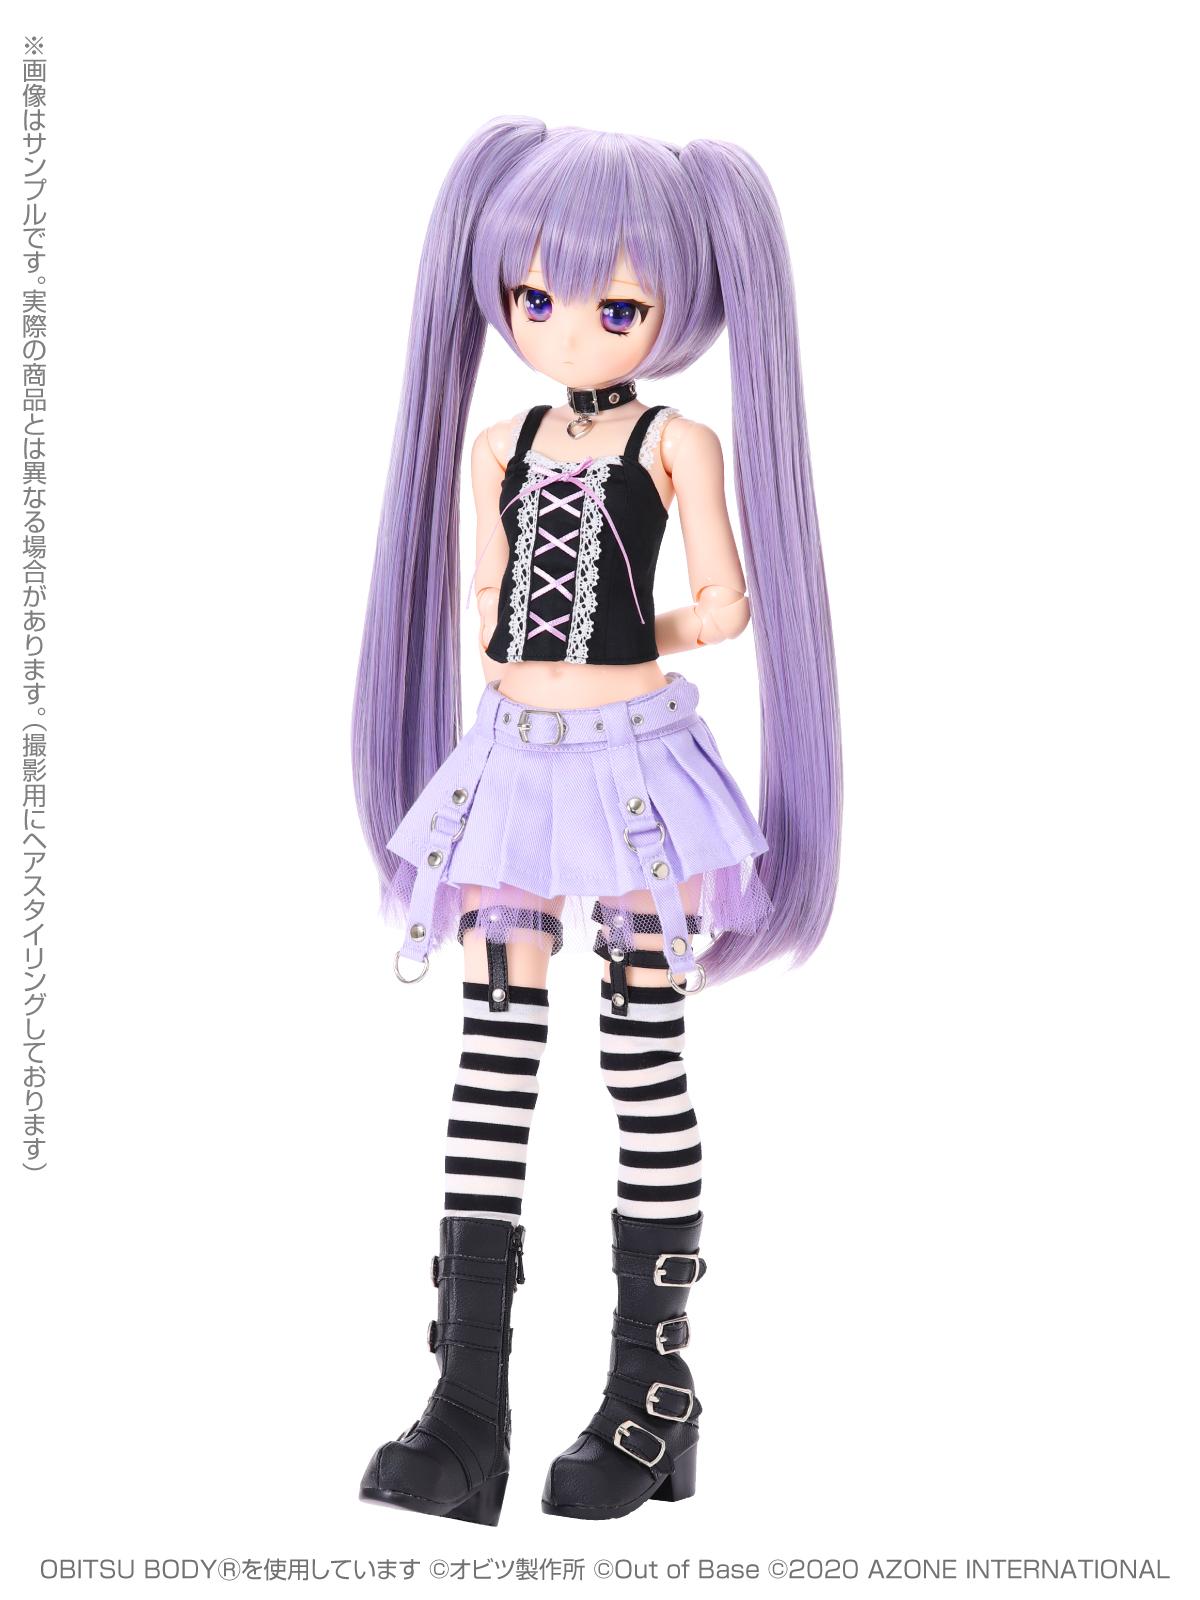 【限定販売】Iris Collect petit『すずね/Noraneko drops ver.1.1(アゾンダイレクトストア販売ver.)』1/3 完成品ドール-007